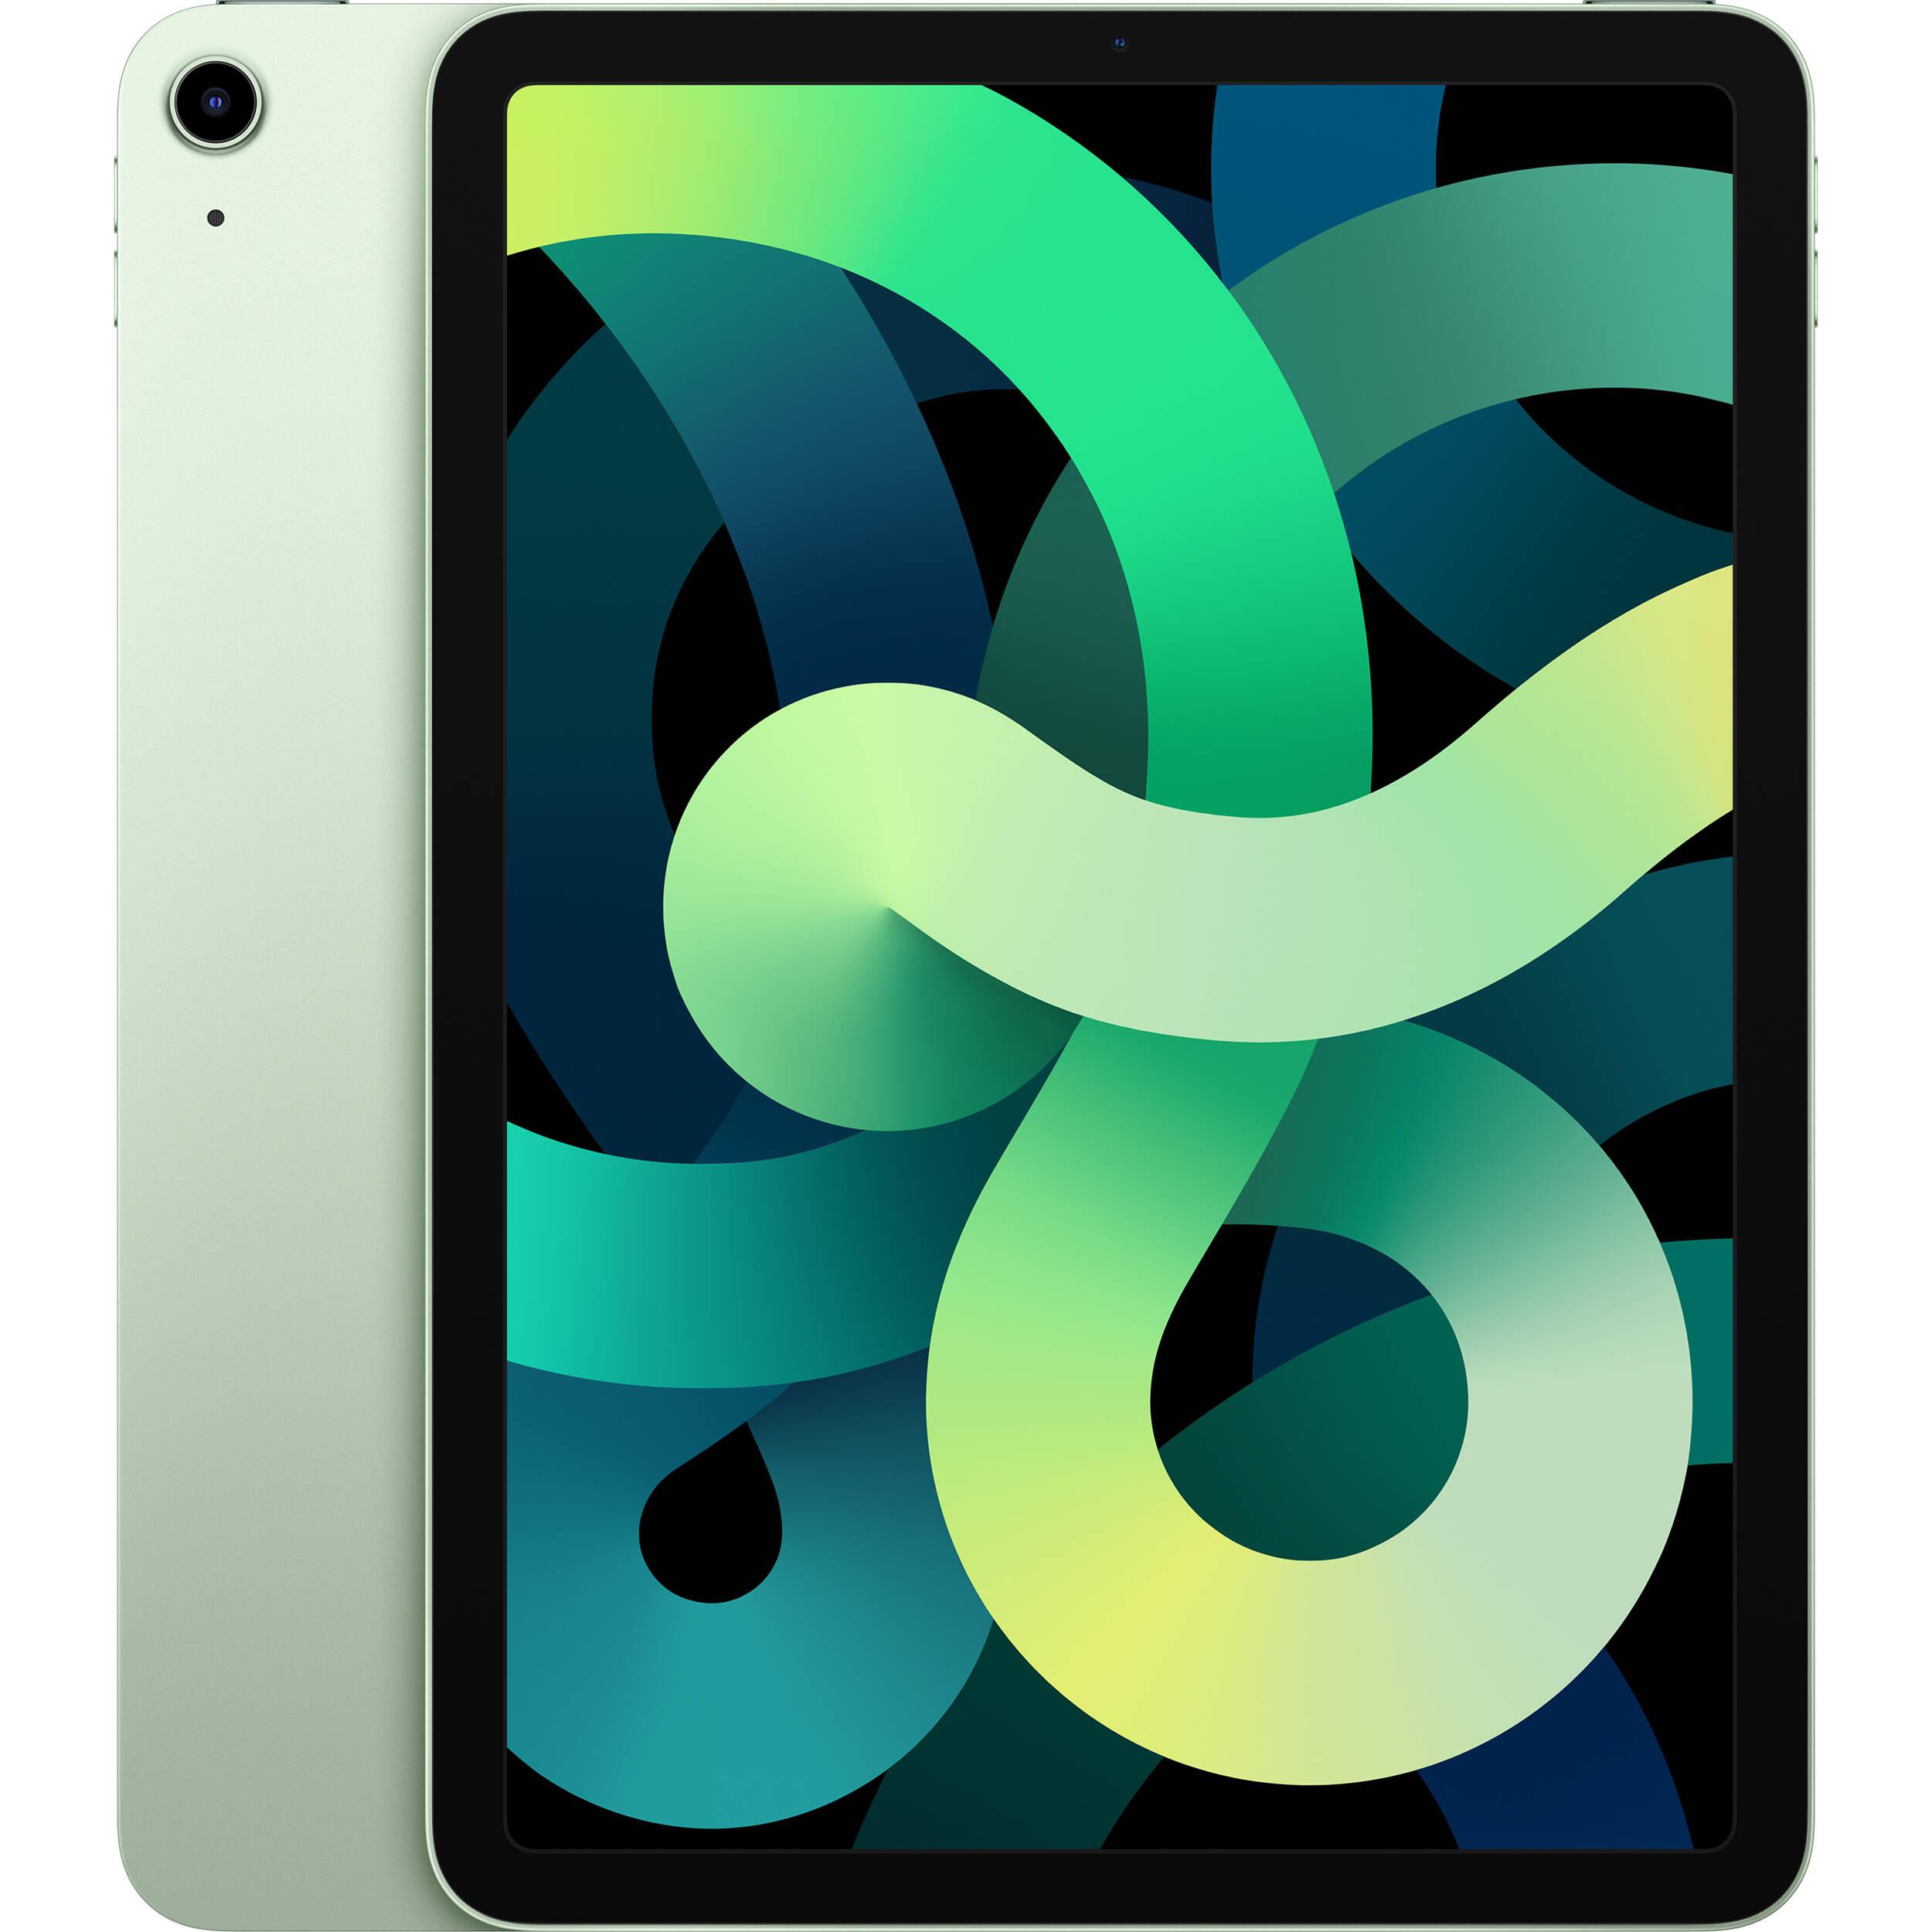 IPAD AIR 2020 MYFM2LL/A 64GB GREEN 4TH GENE